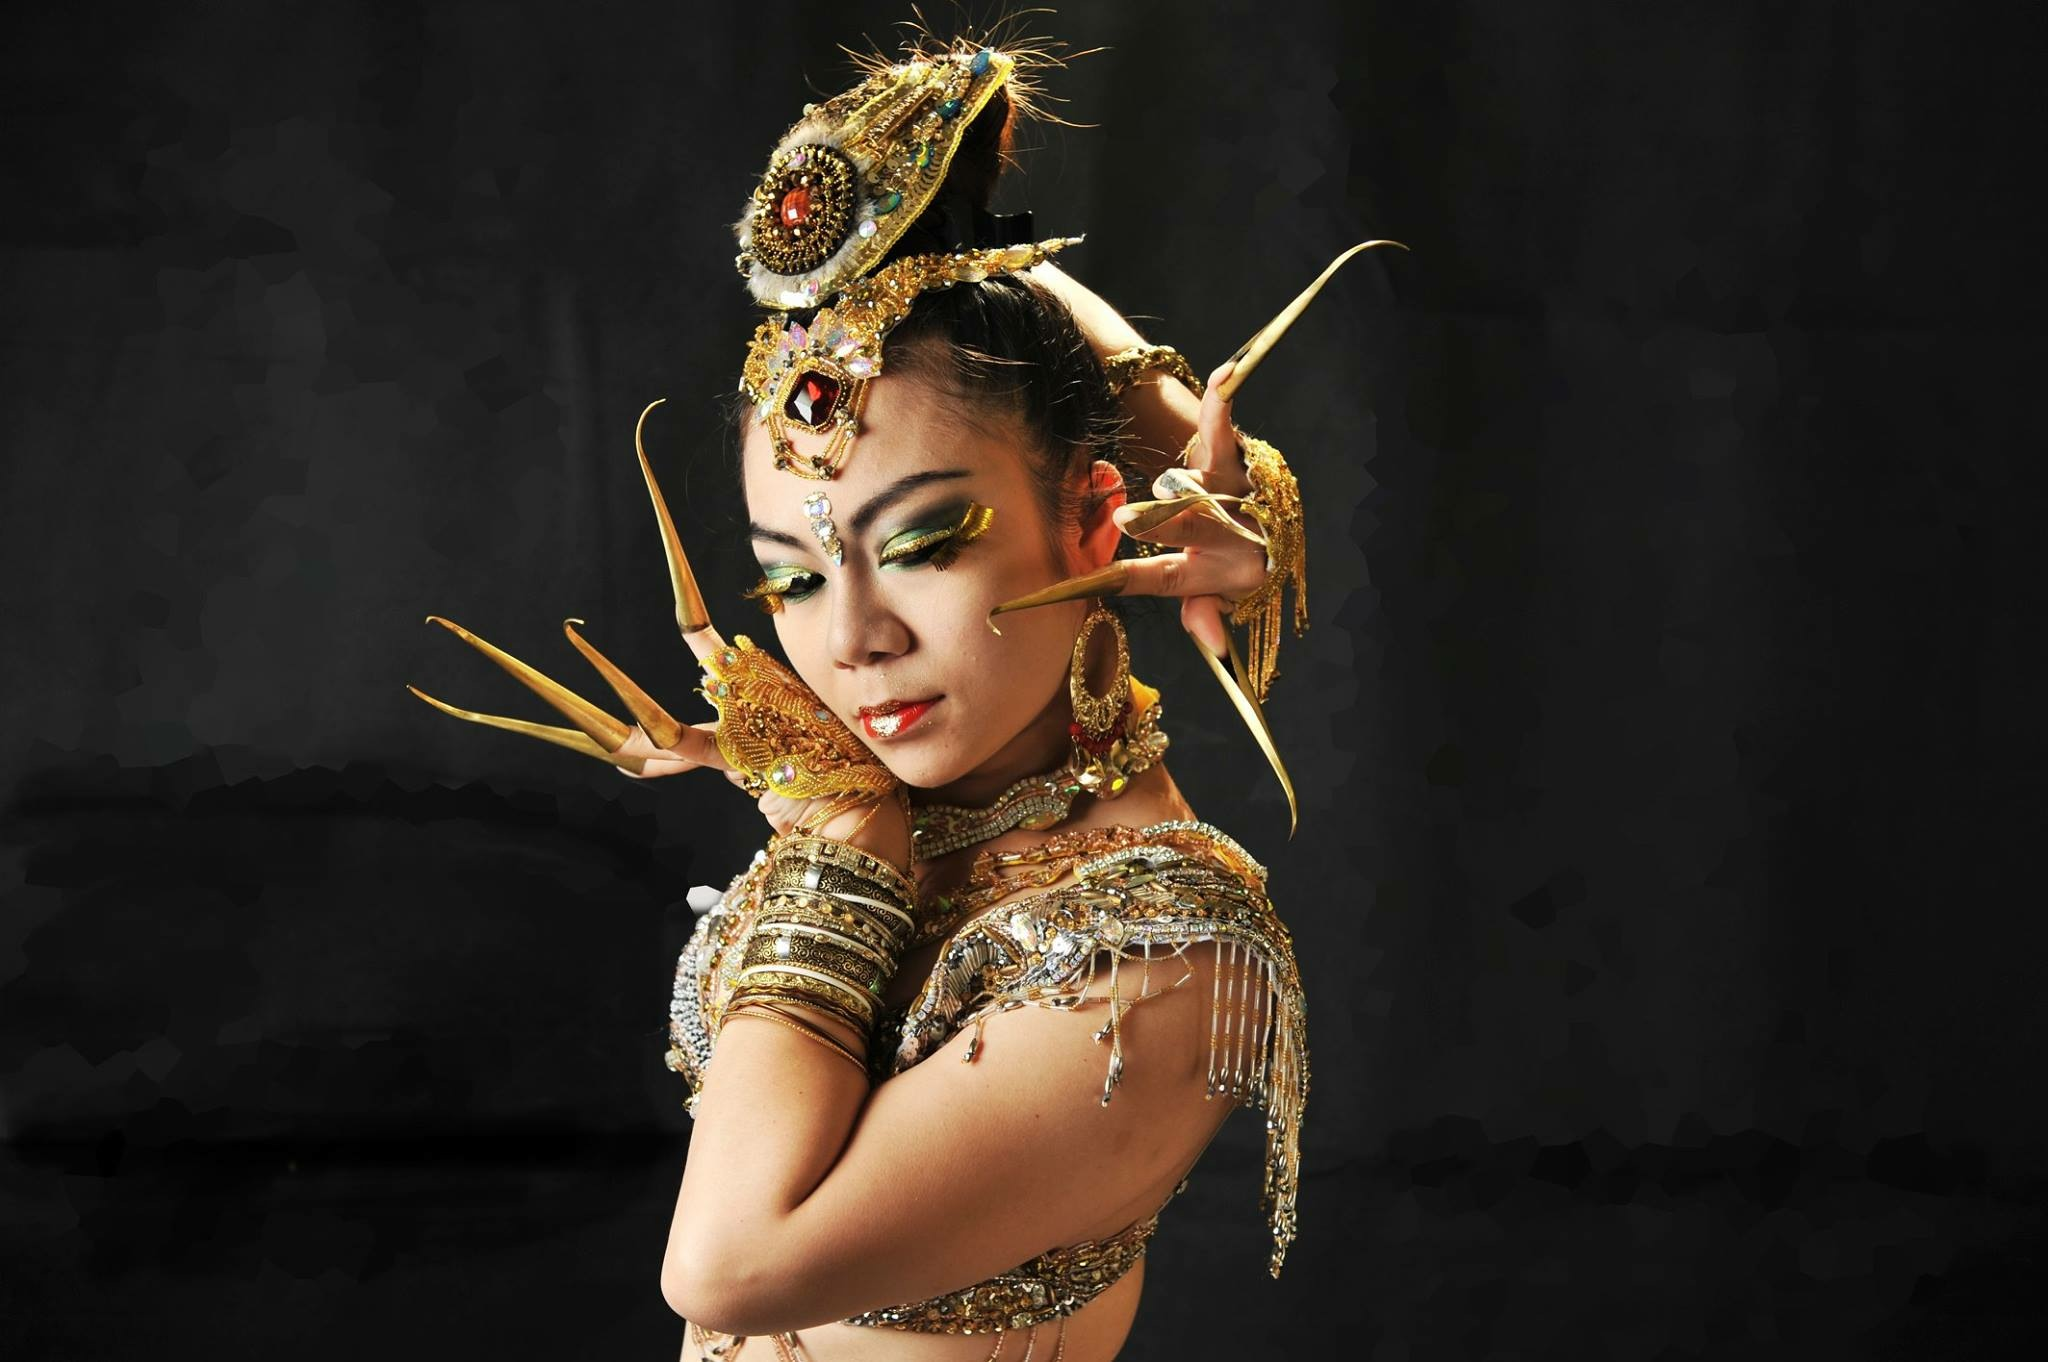 Học Belly dance cơ bản và vũ đạo